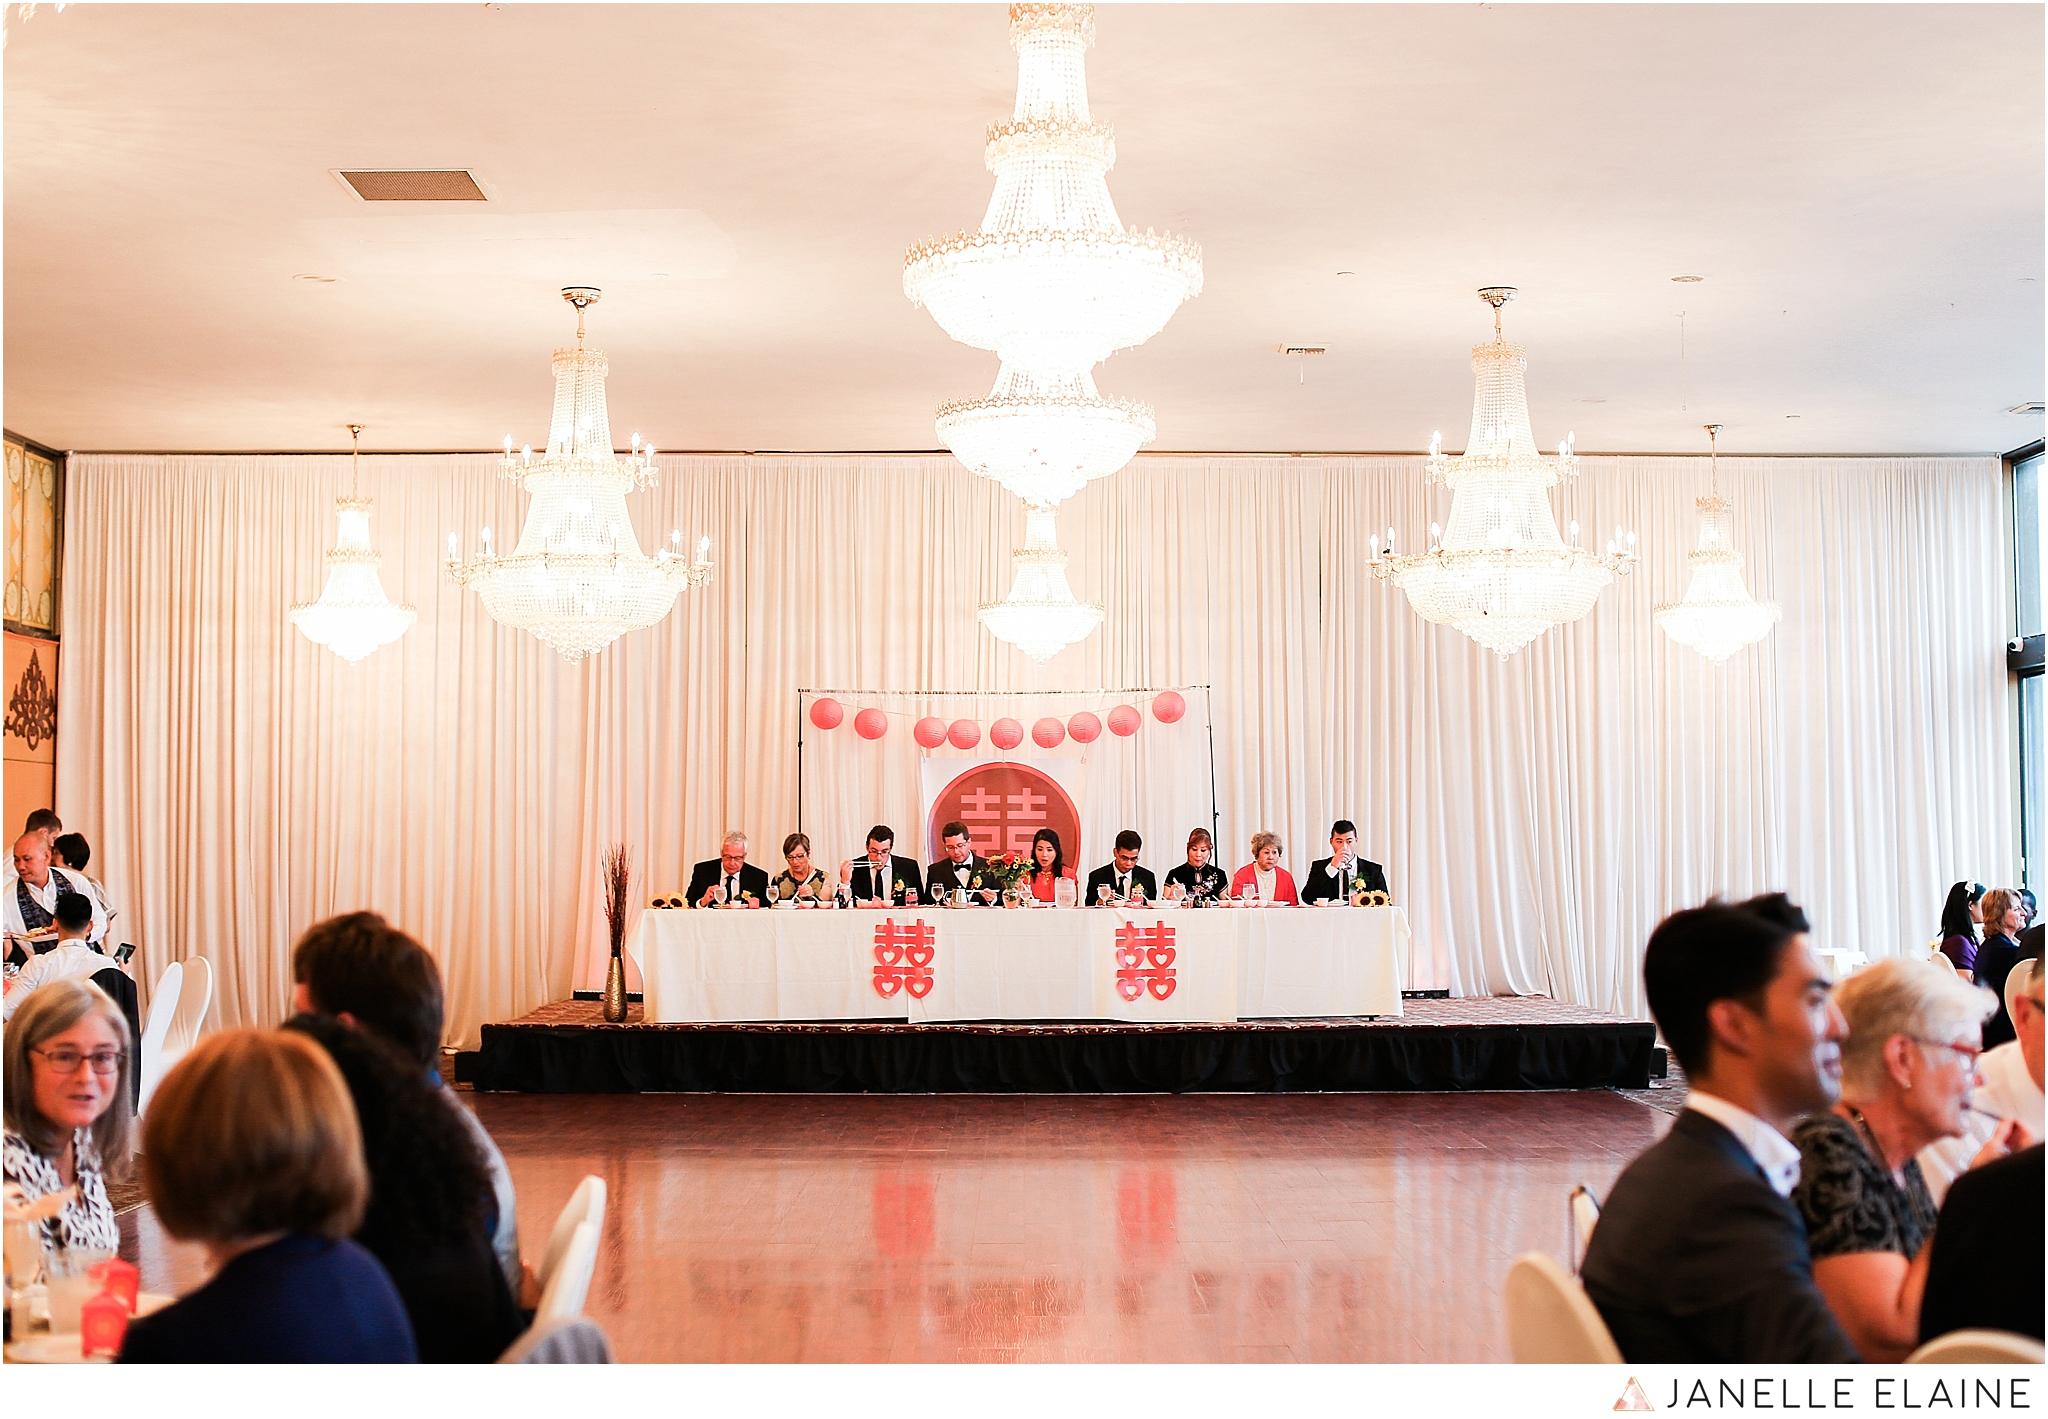 janelle elaine photography-professional wedding photographer seattle--161.jpg